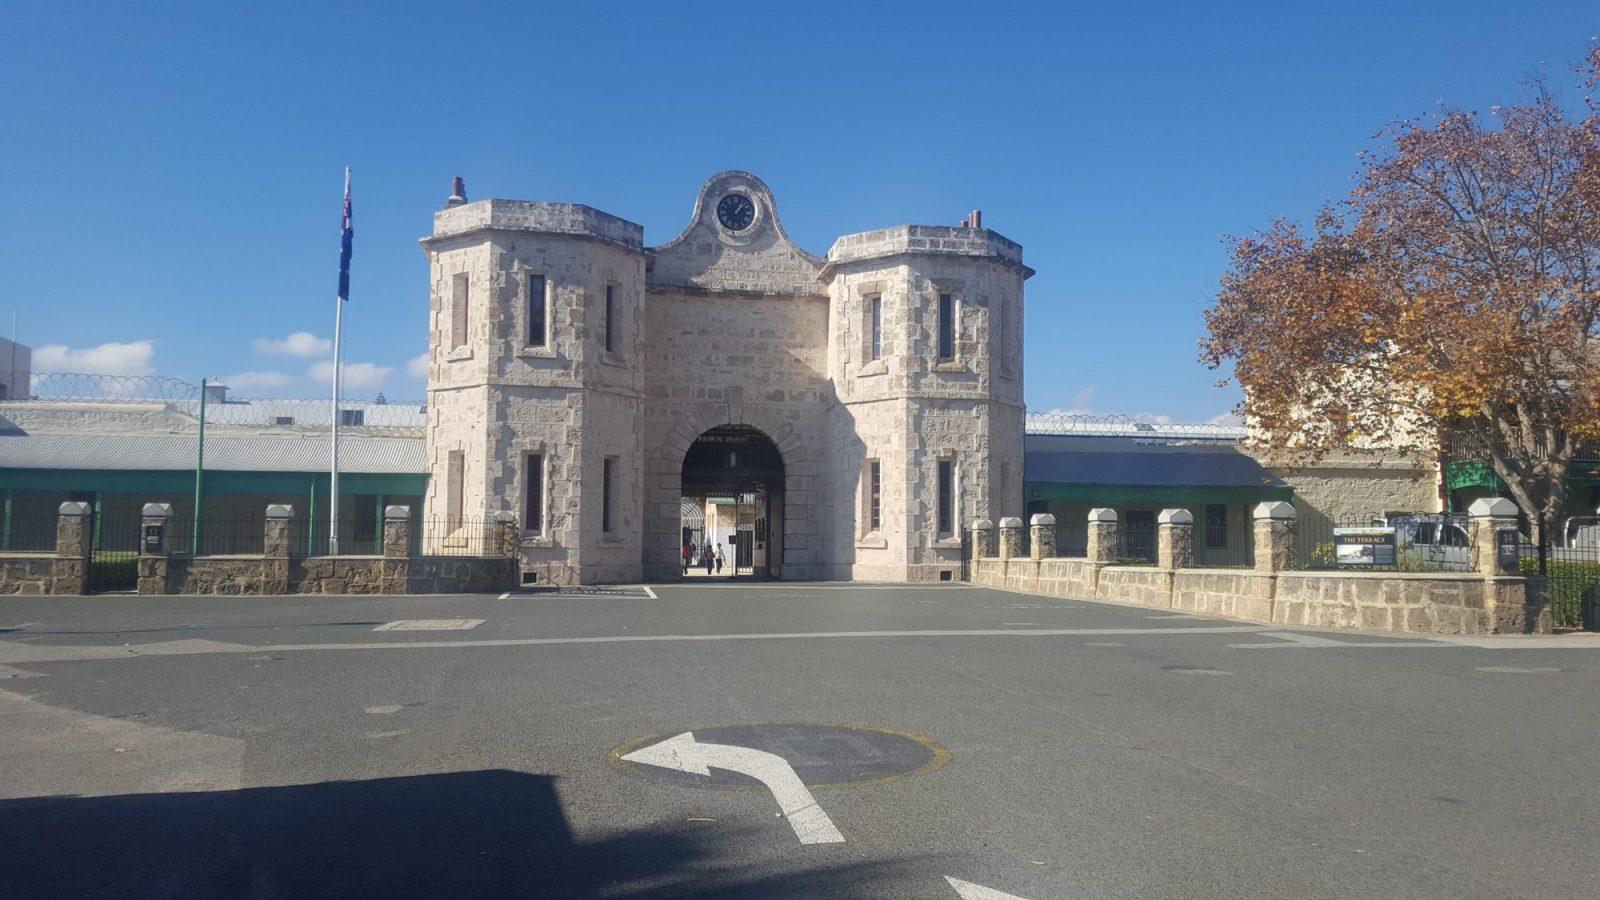 Bienvenue prison